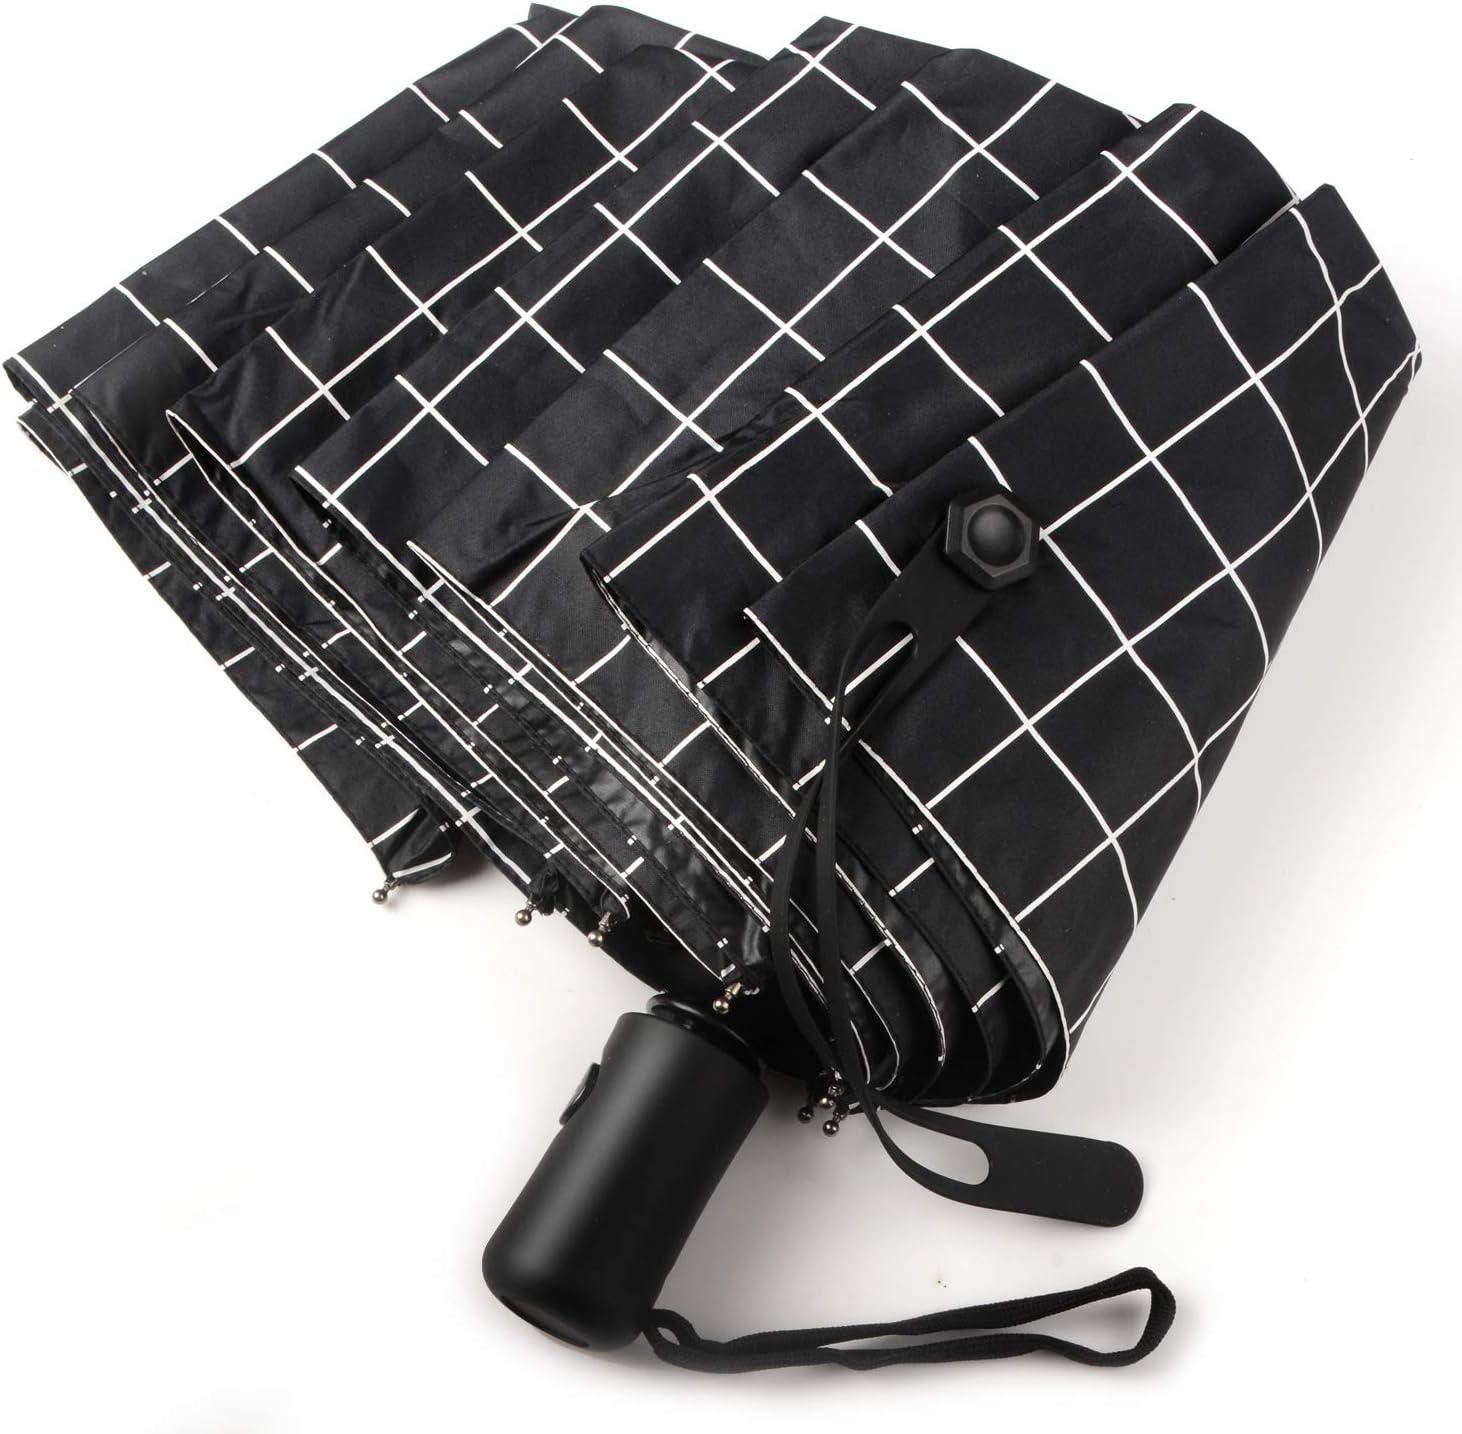 Olele Parapluie Pliant Automatique /à Ouverture et Fermeture Compact pour Voyage Blanc Homme Femme